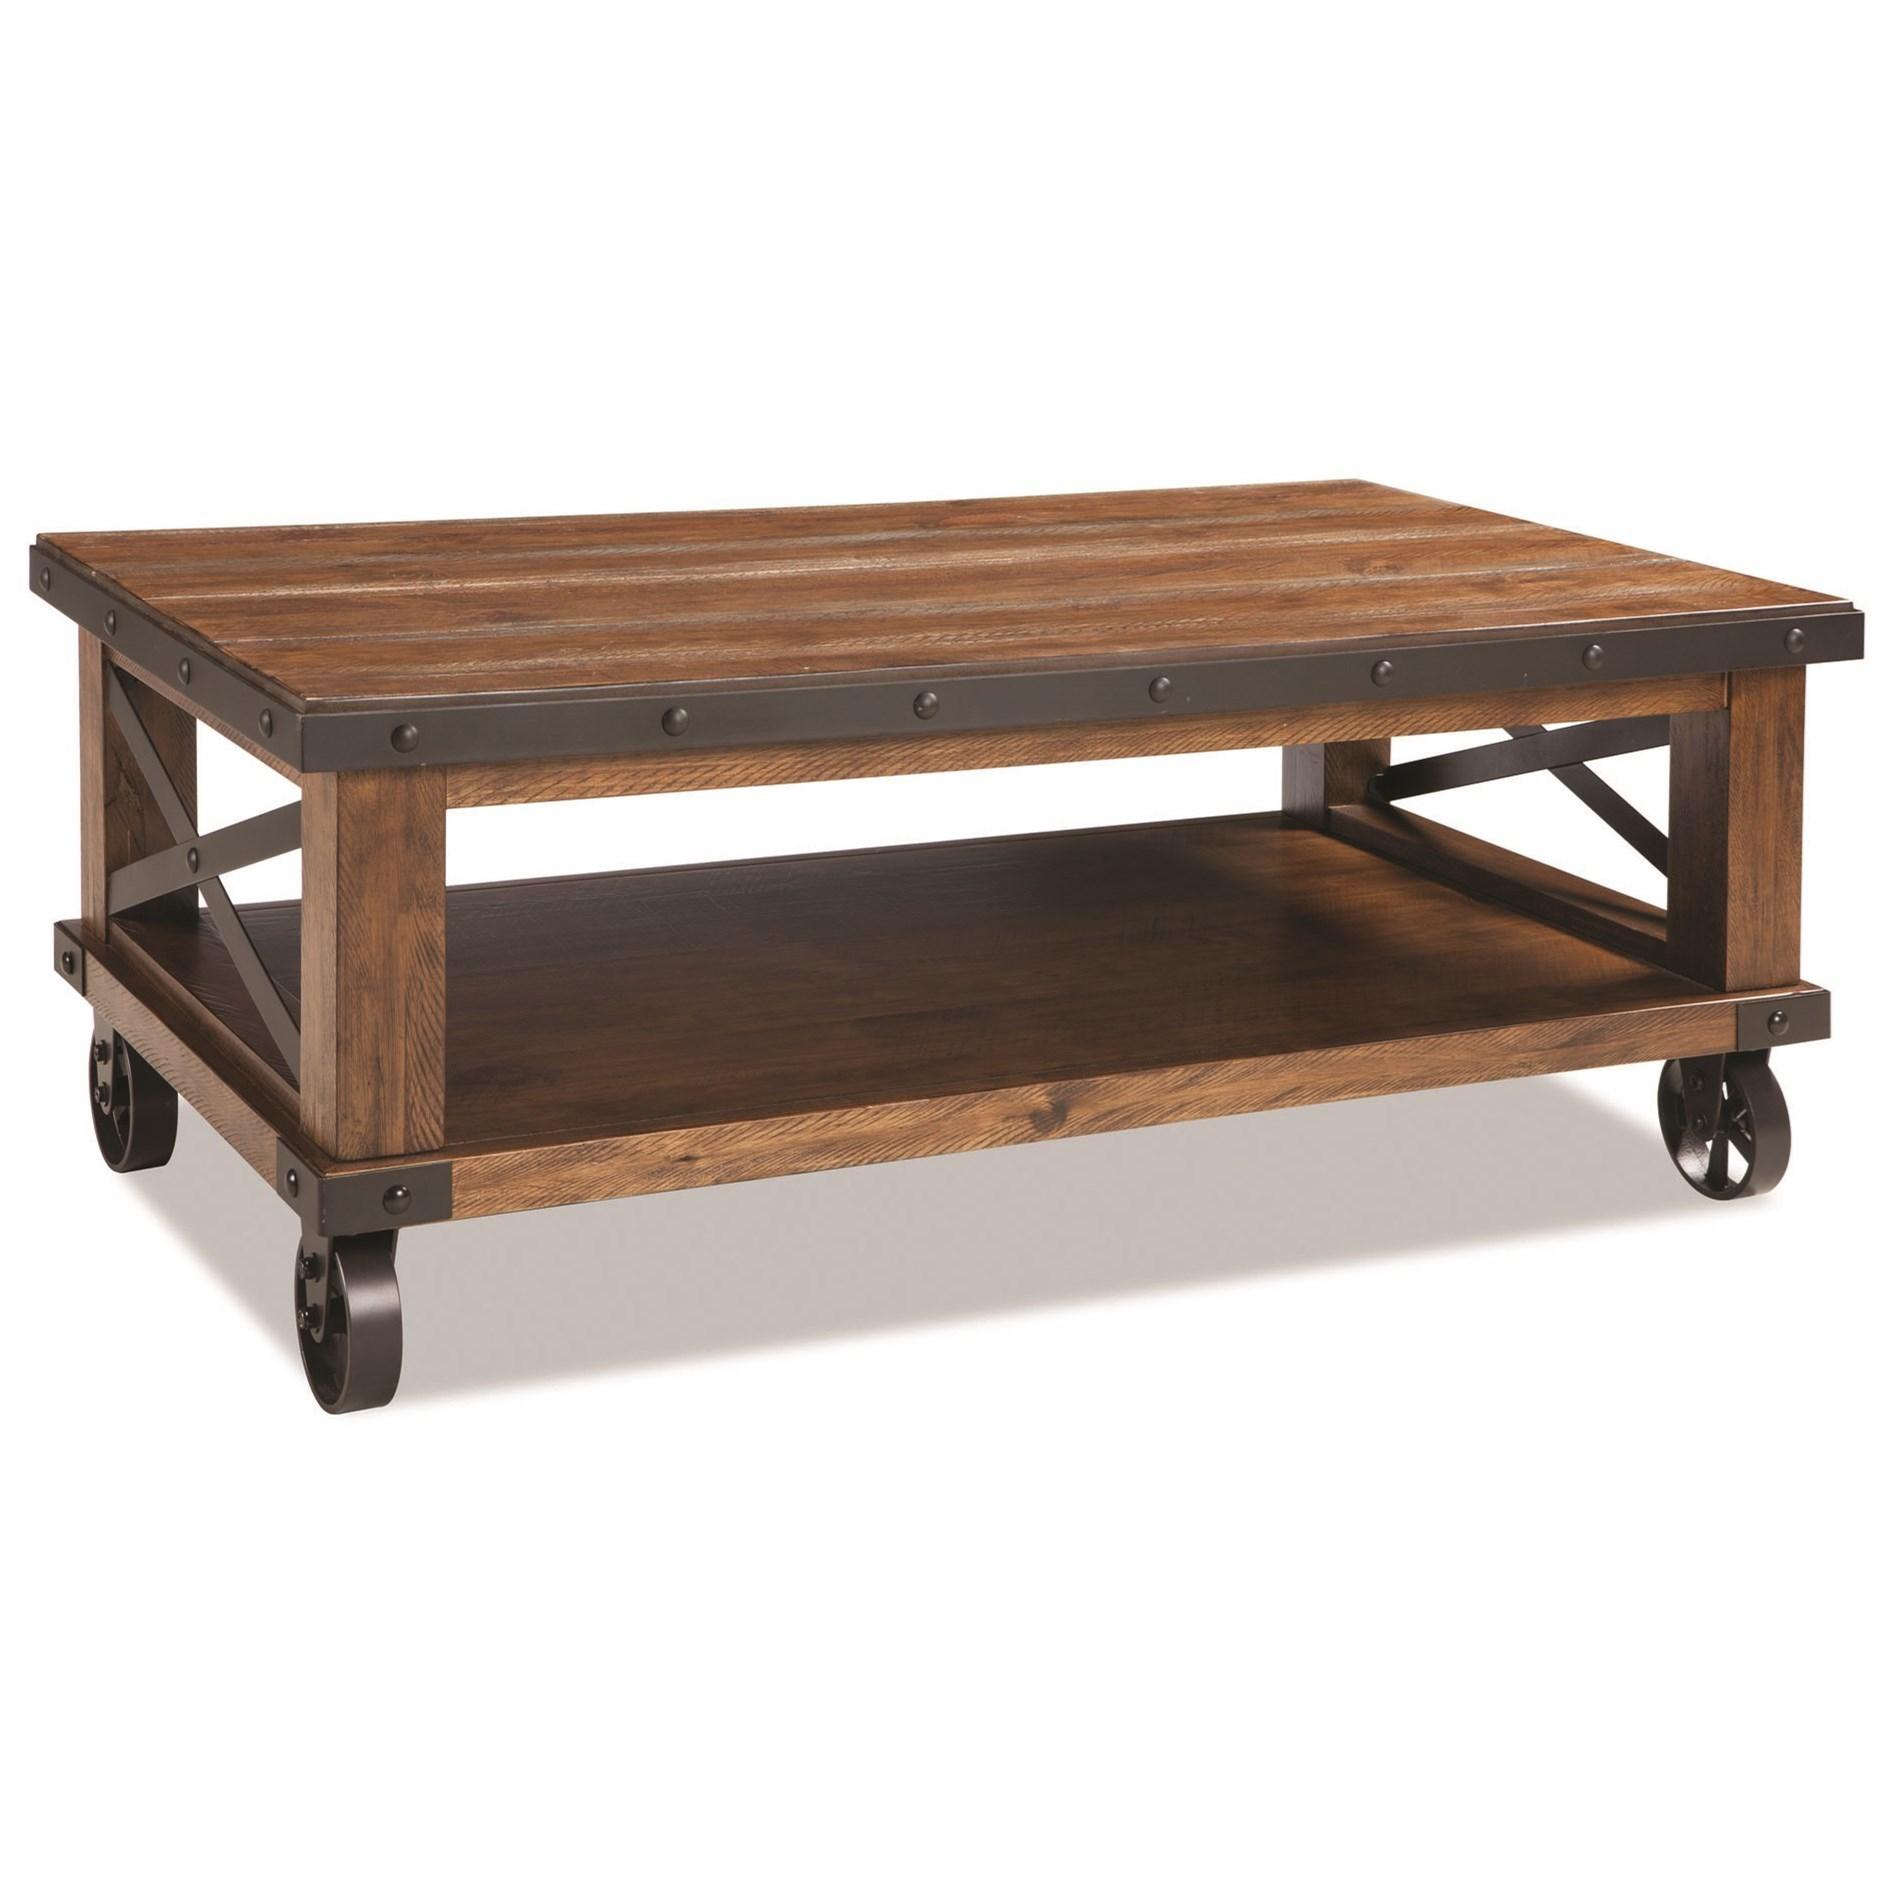 taos coffee table